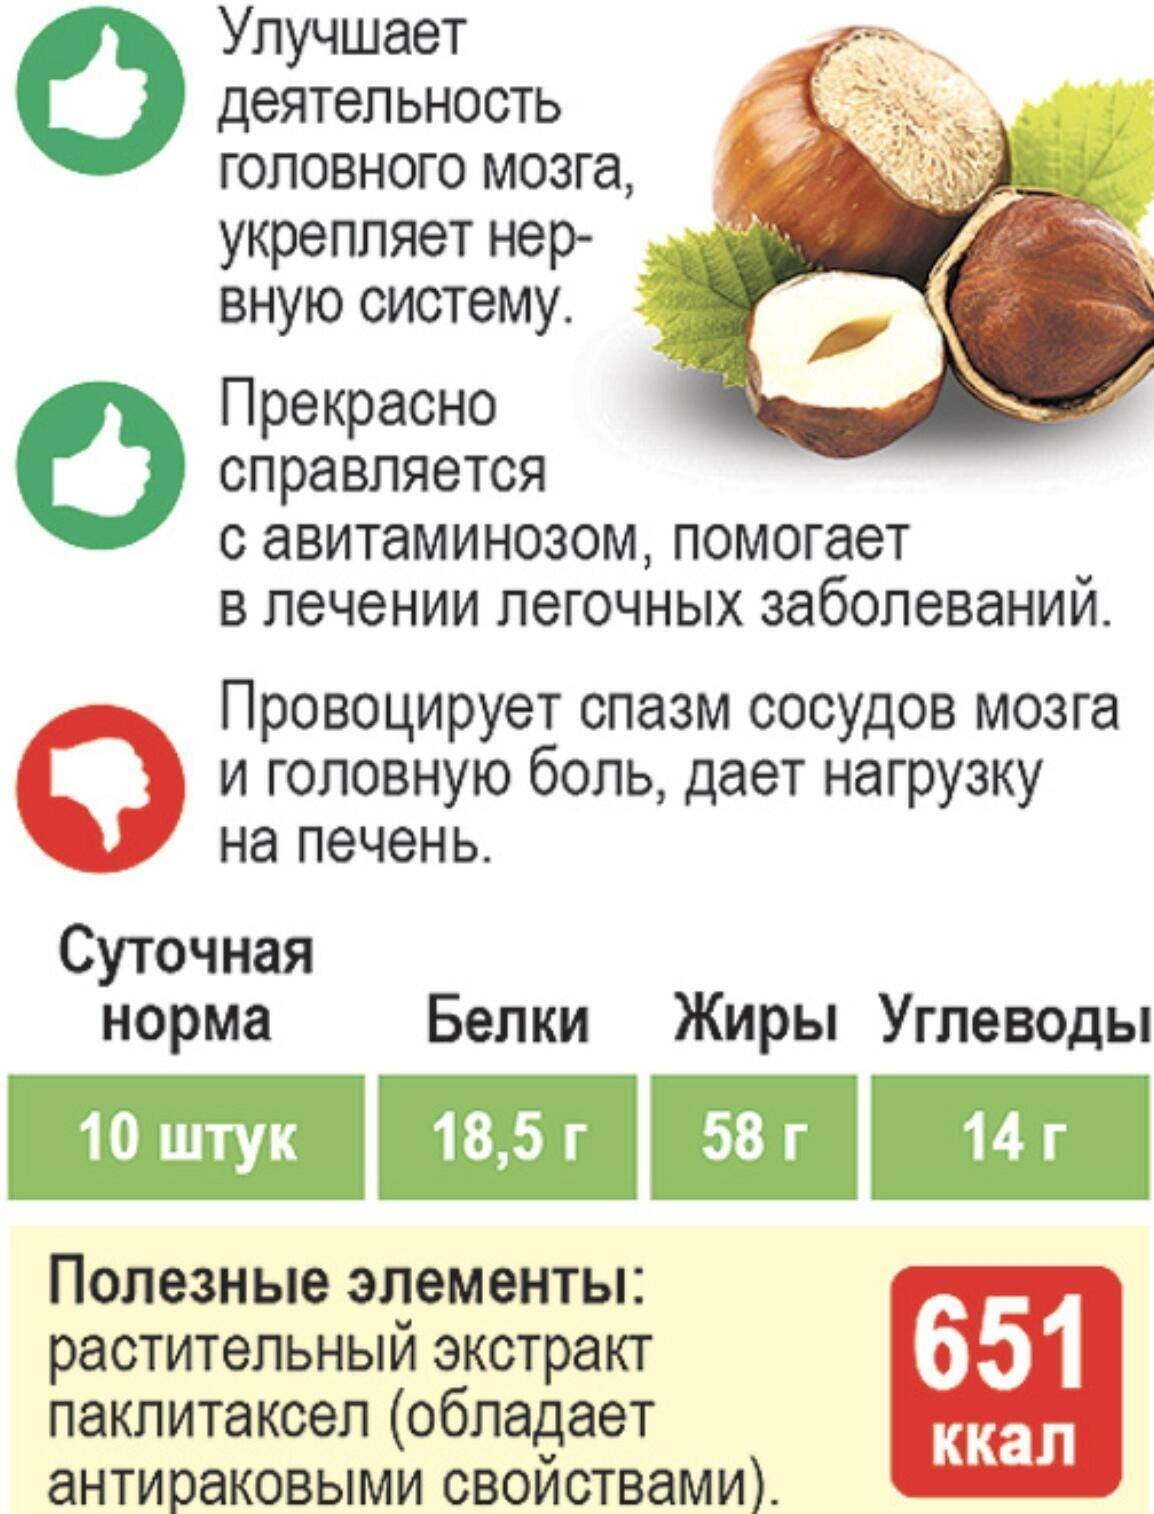 Орех кола: полезные свойства, вред, состав | food and health